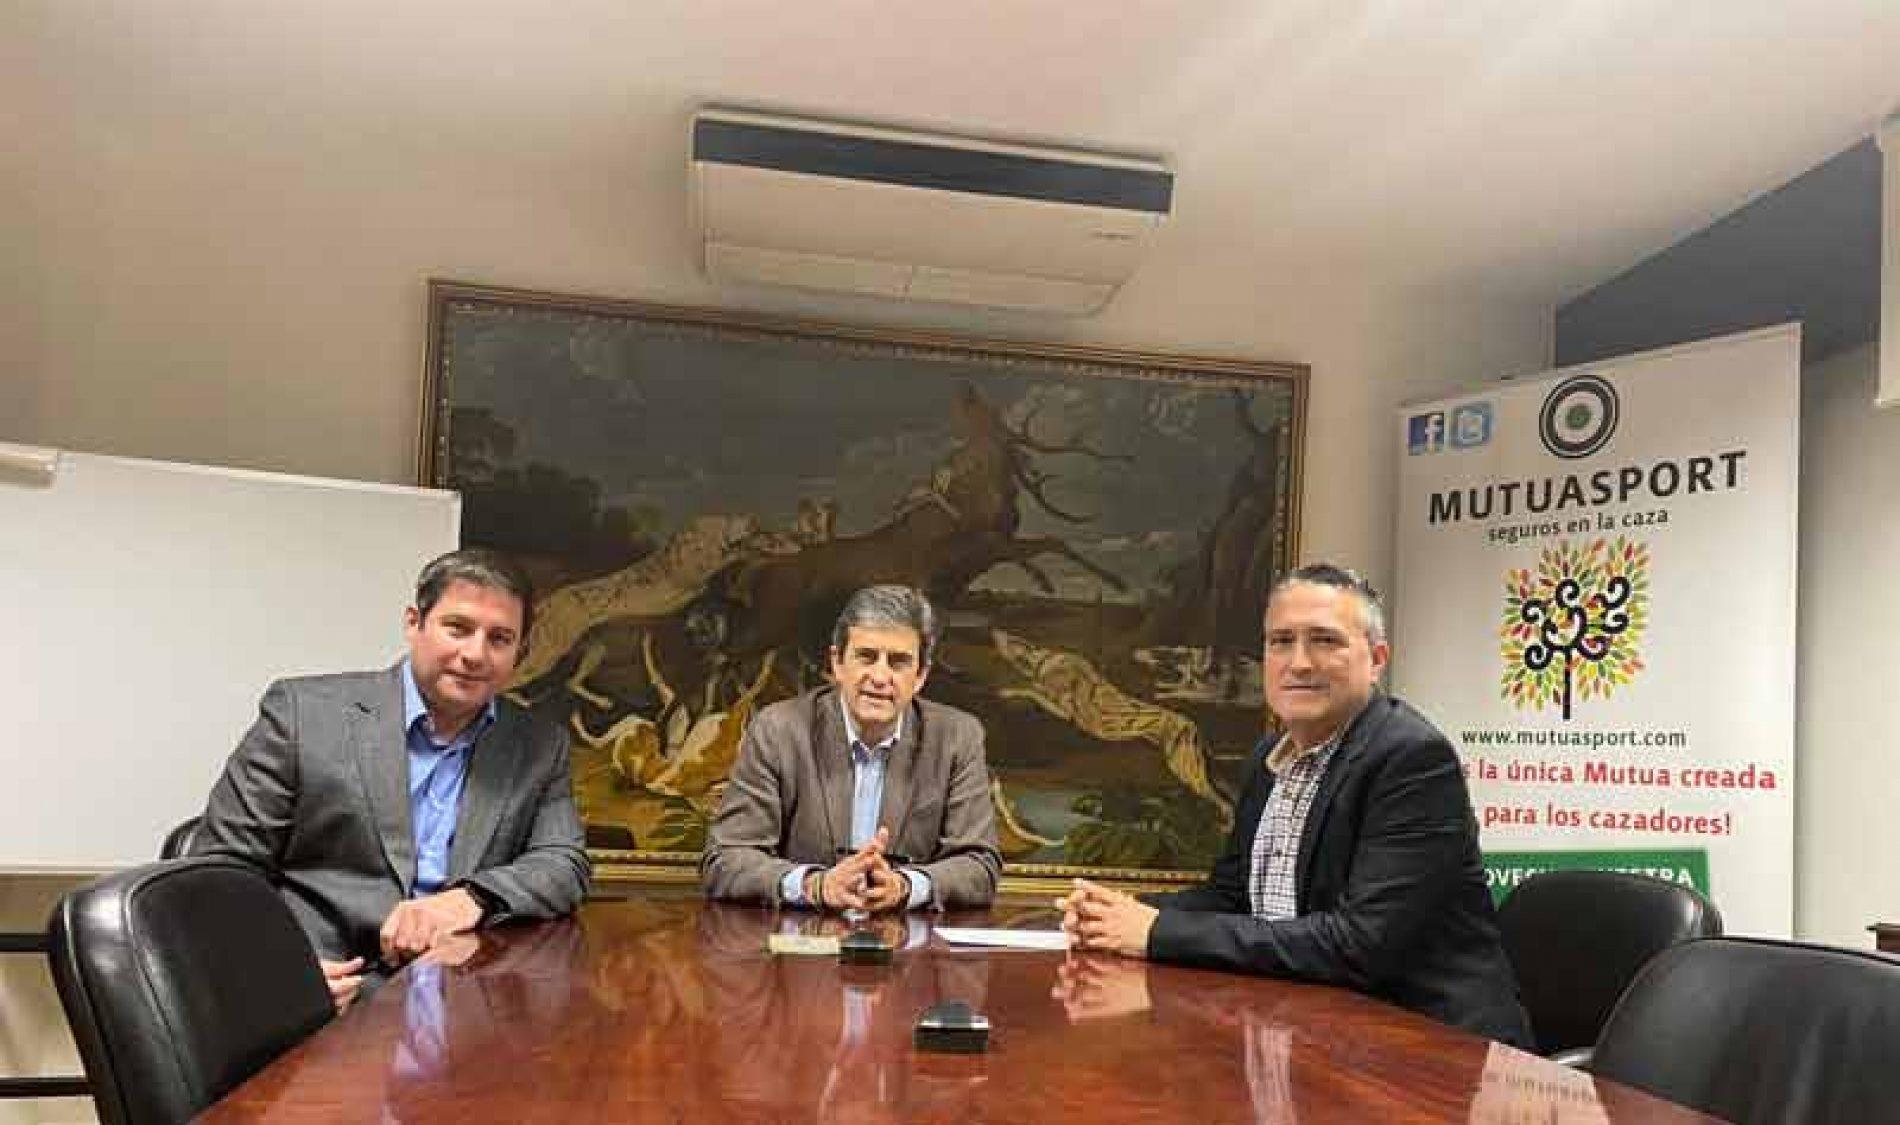 Los federados de la Comunidad Valenciana disfrutarán de coberturas más amplias gracias a Mutuasport